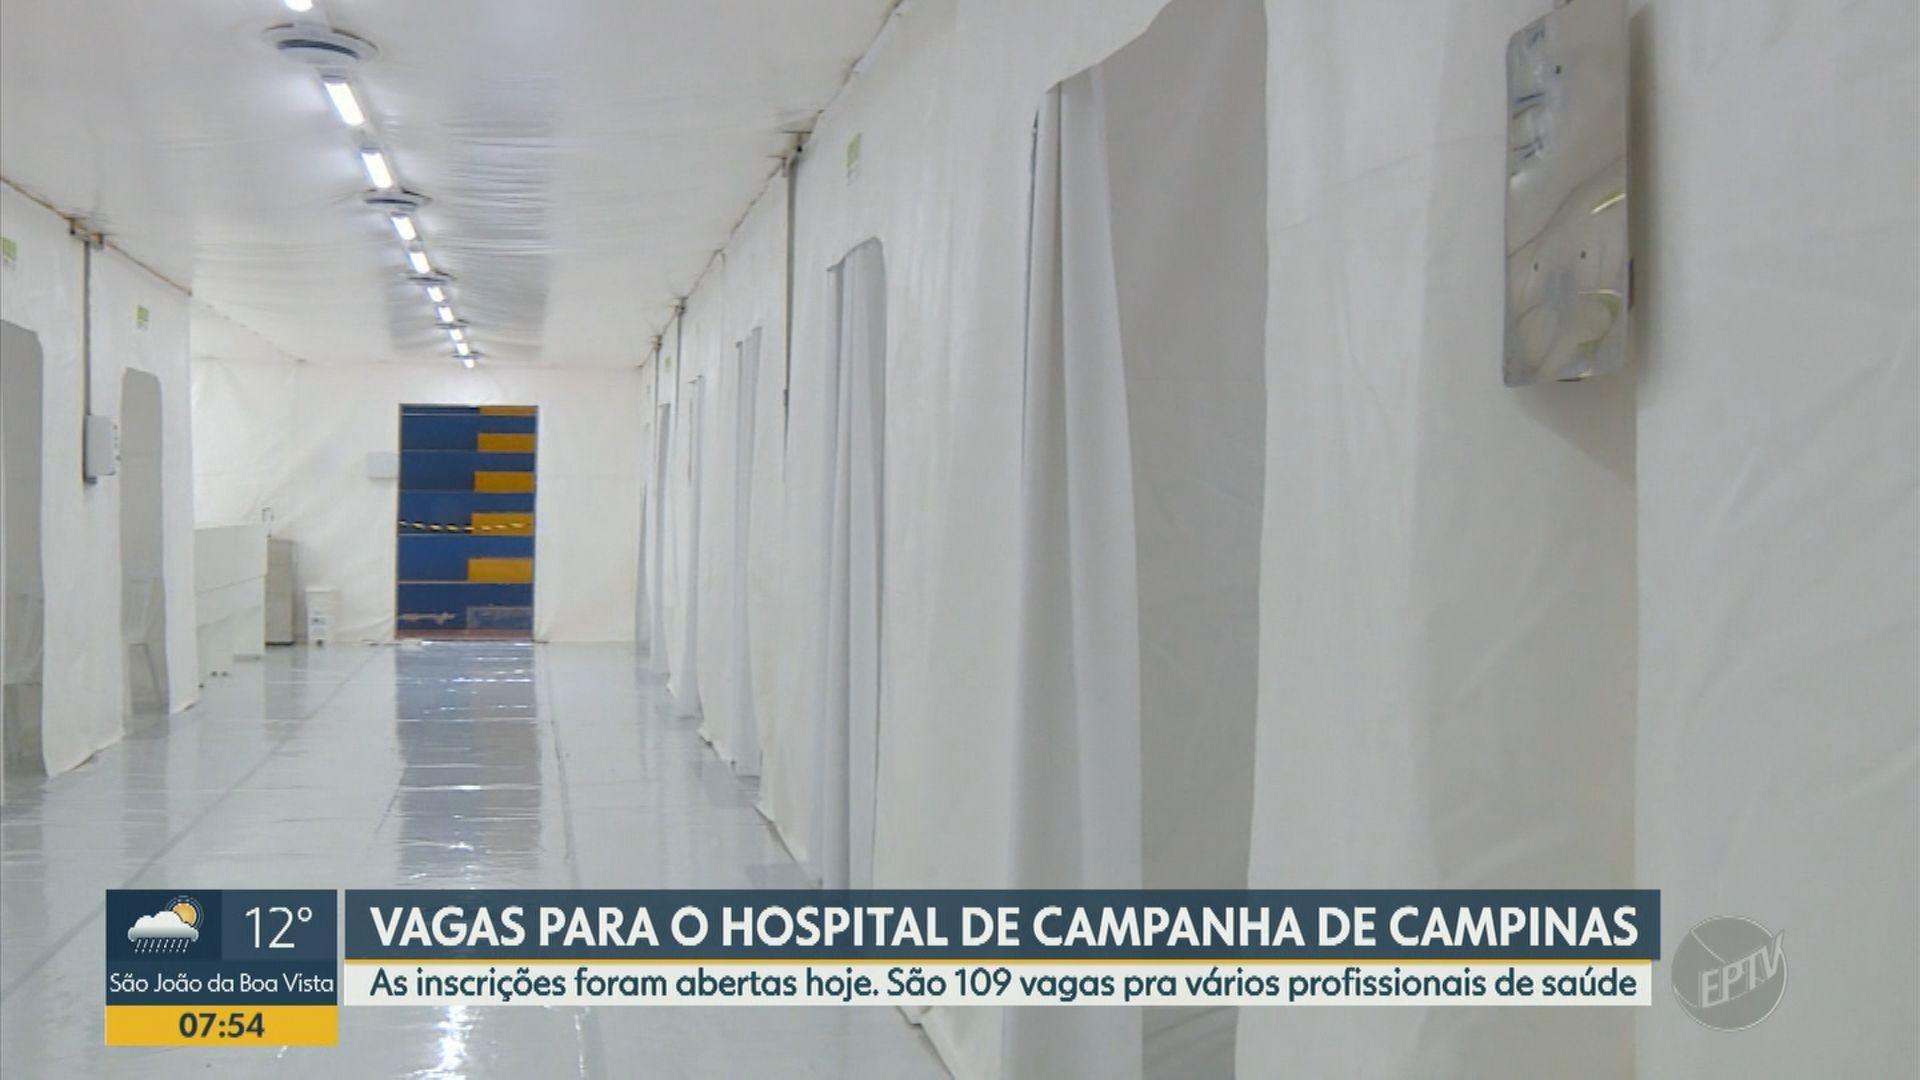 VÍDEOS: Bom Dia Cidade região de Campinas de quarta-feira, 13 de maio